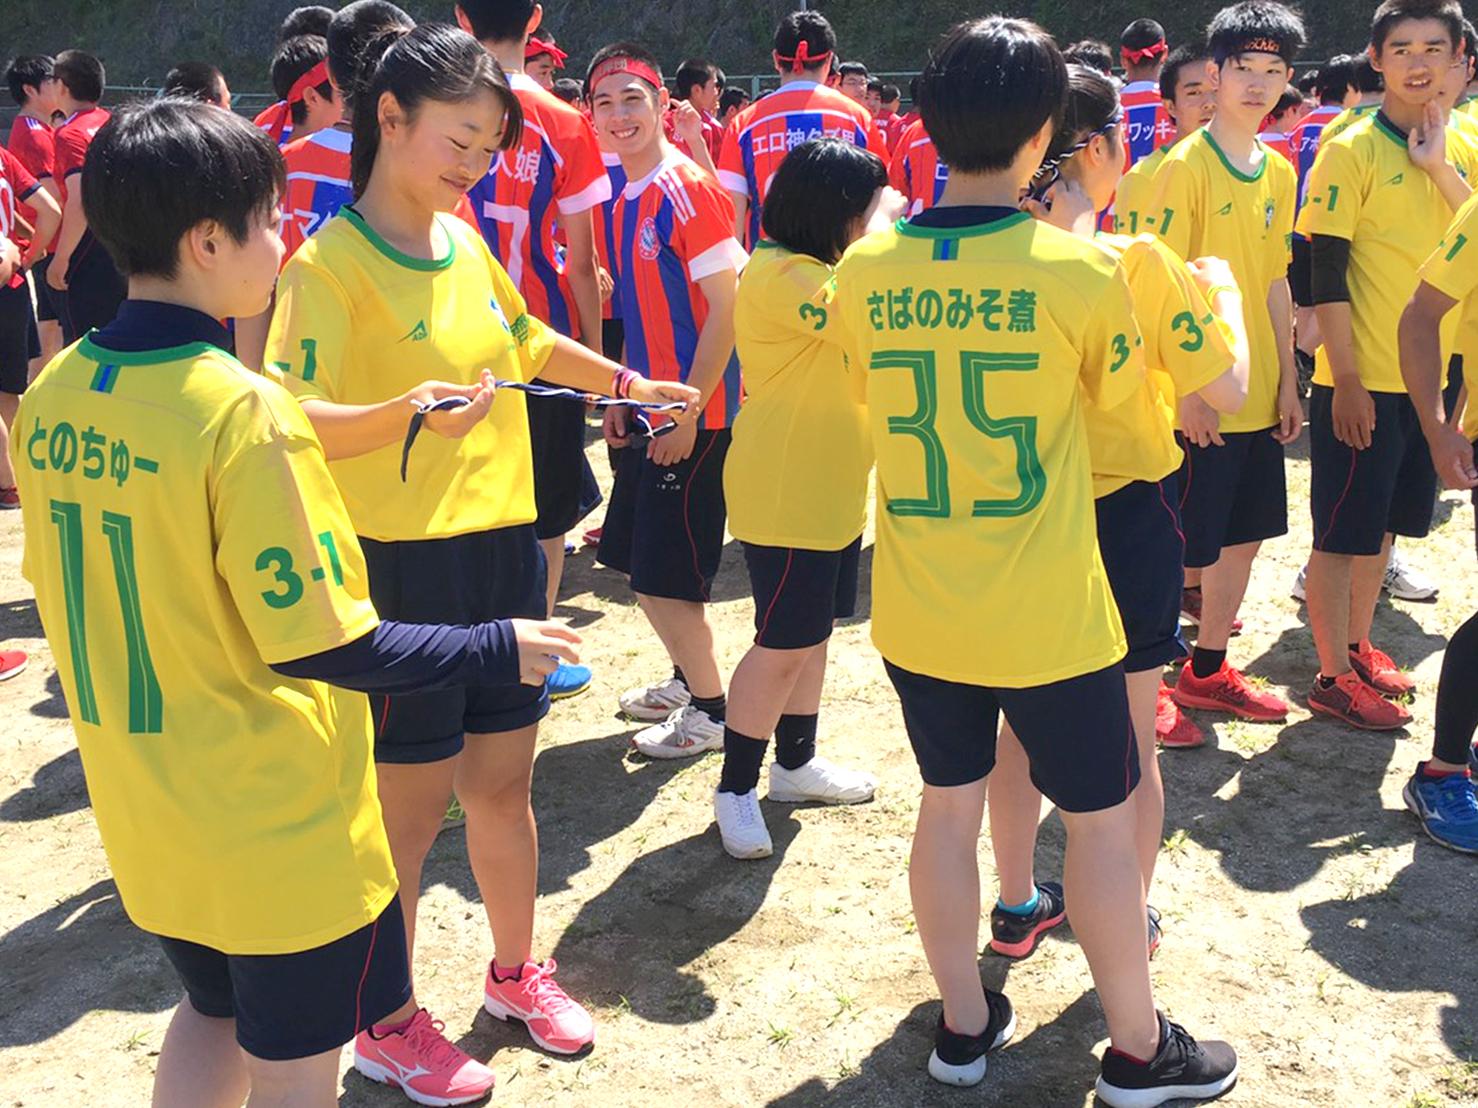 高校生クラスTシャツ2019東陵高校(3-1)様(デカプリMAX)